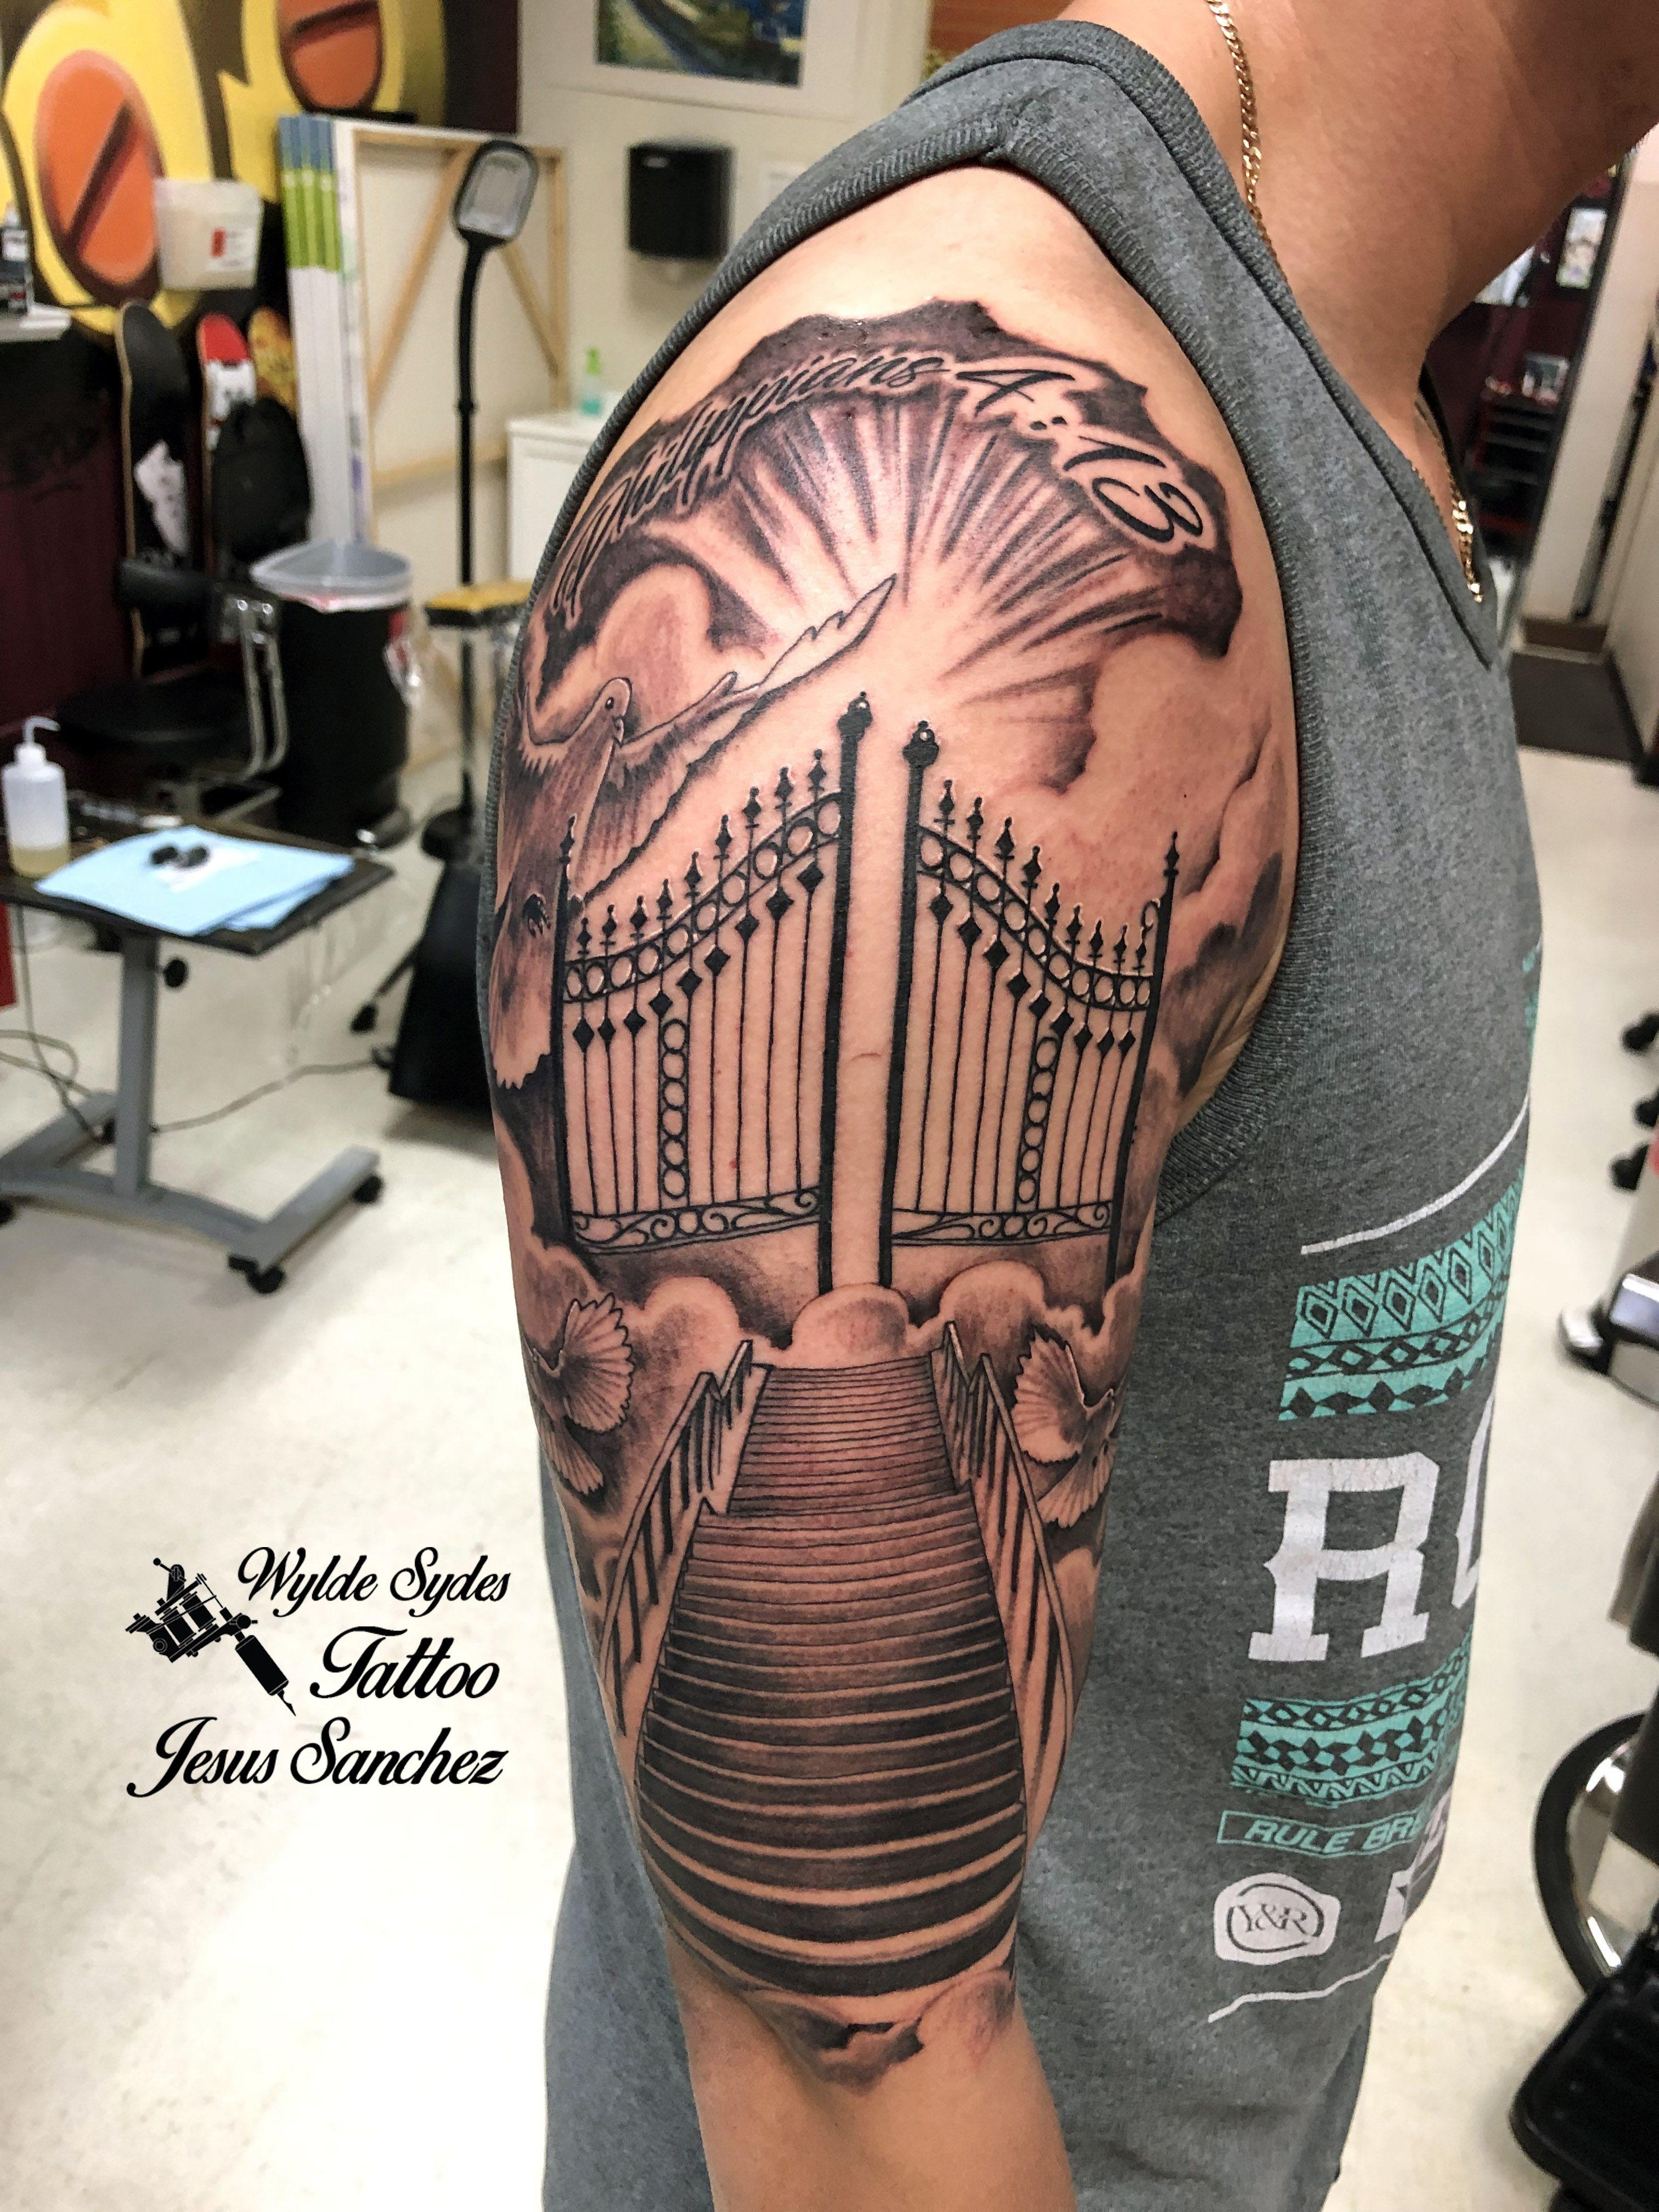 Pin On Wylde Sydes Tattoo Artist Jesus Sanchez